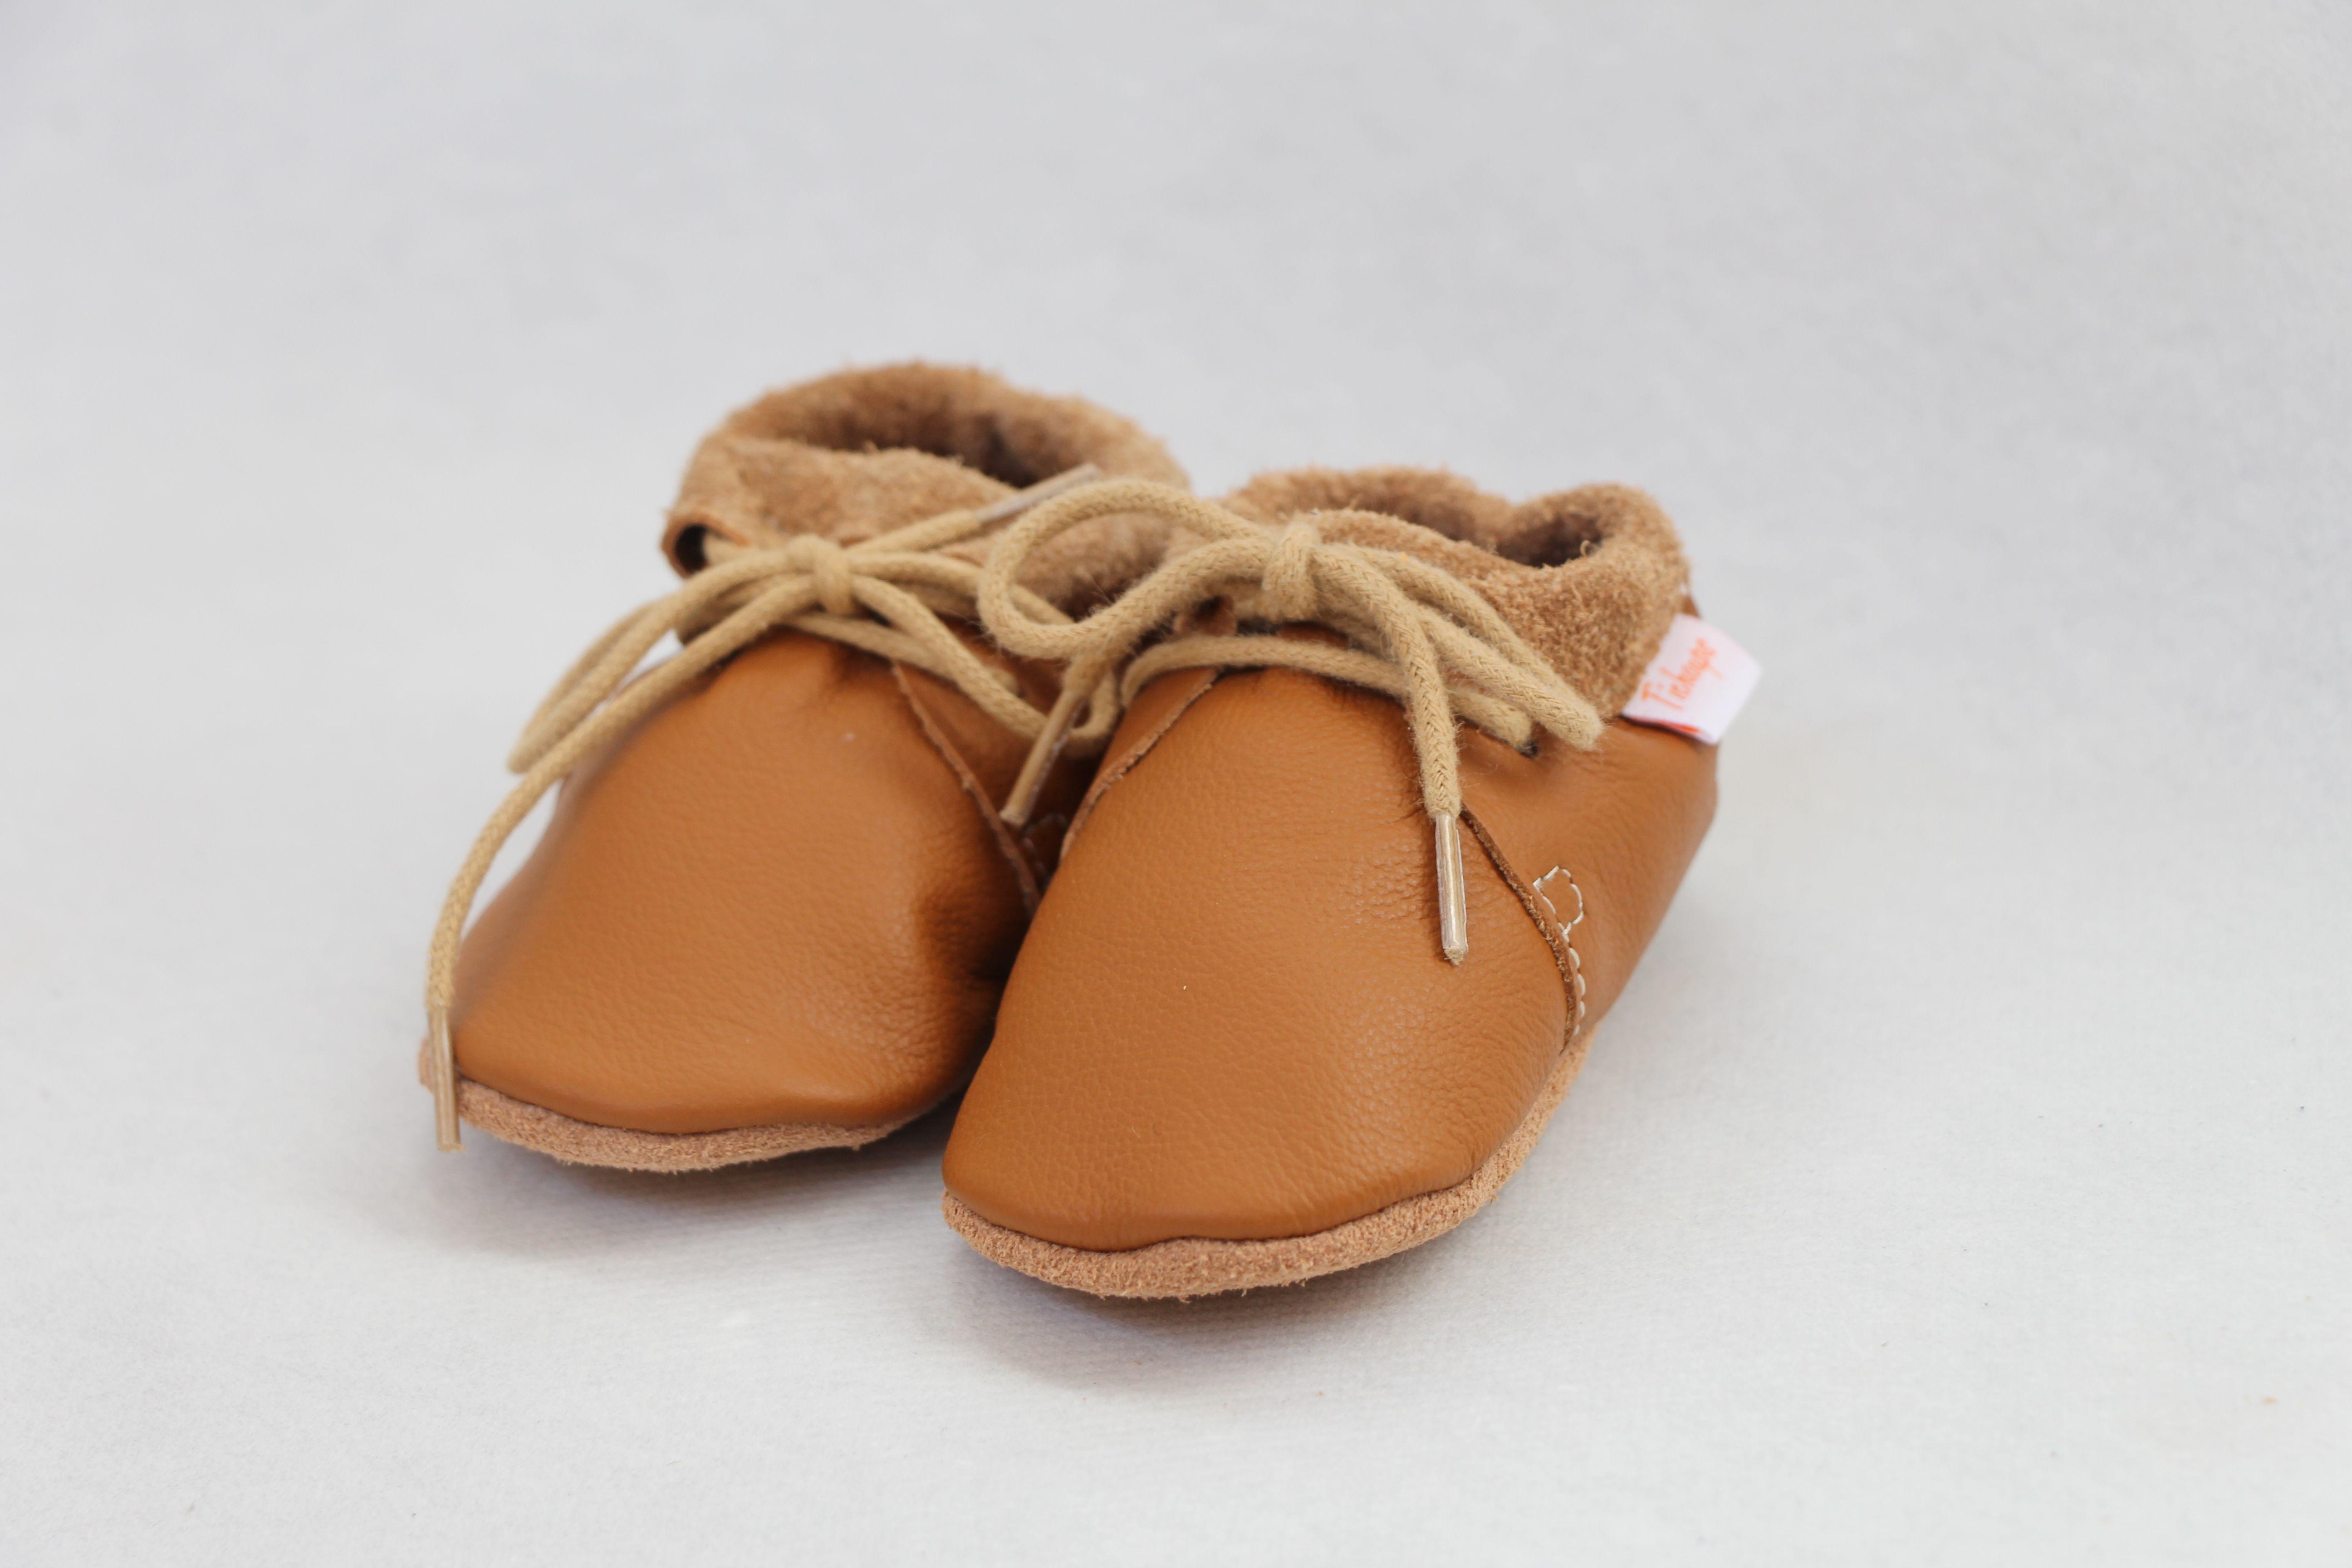 d836b26fbbbb5 Épinglé par Tichoups sur Nos chaussures 4 pattes